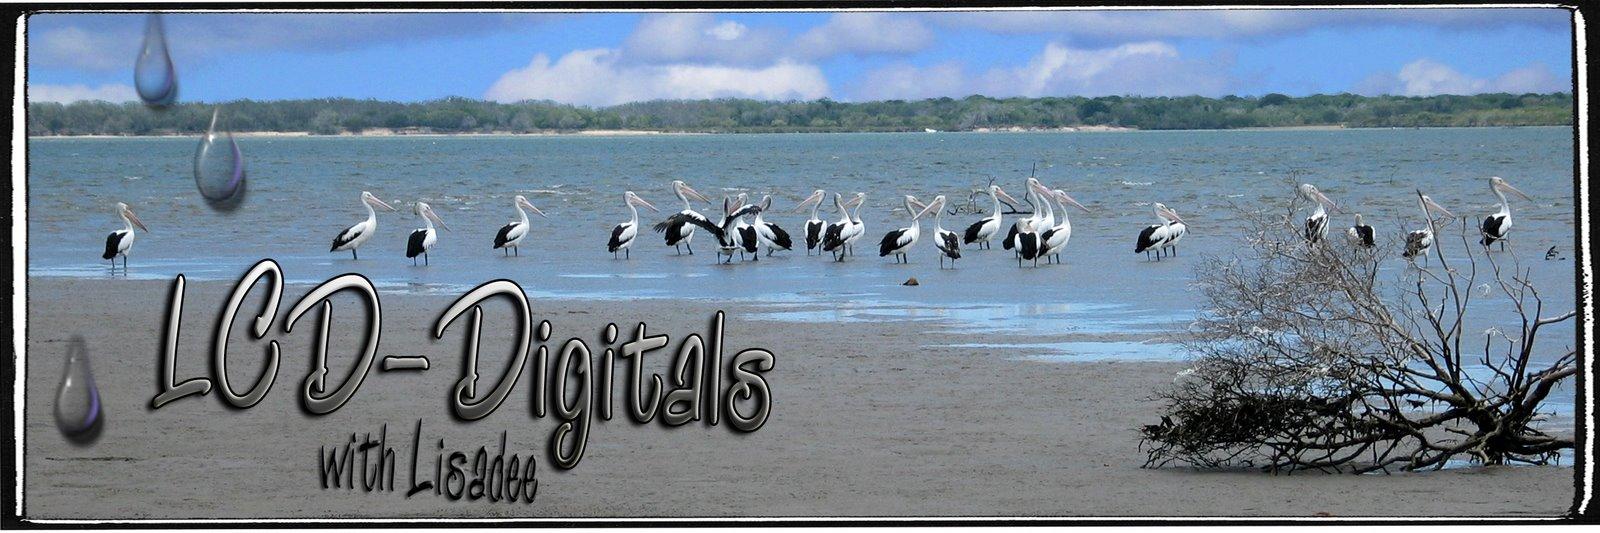 LCD-Digitals